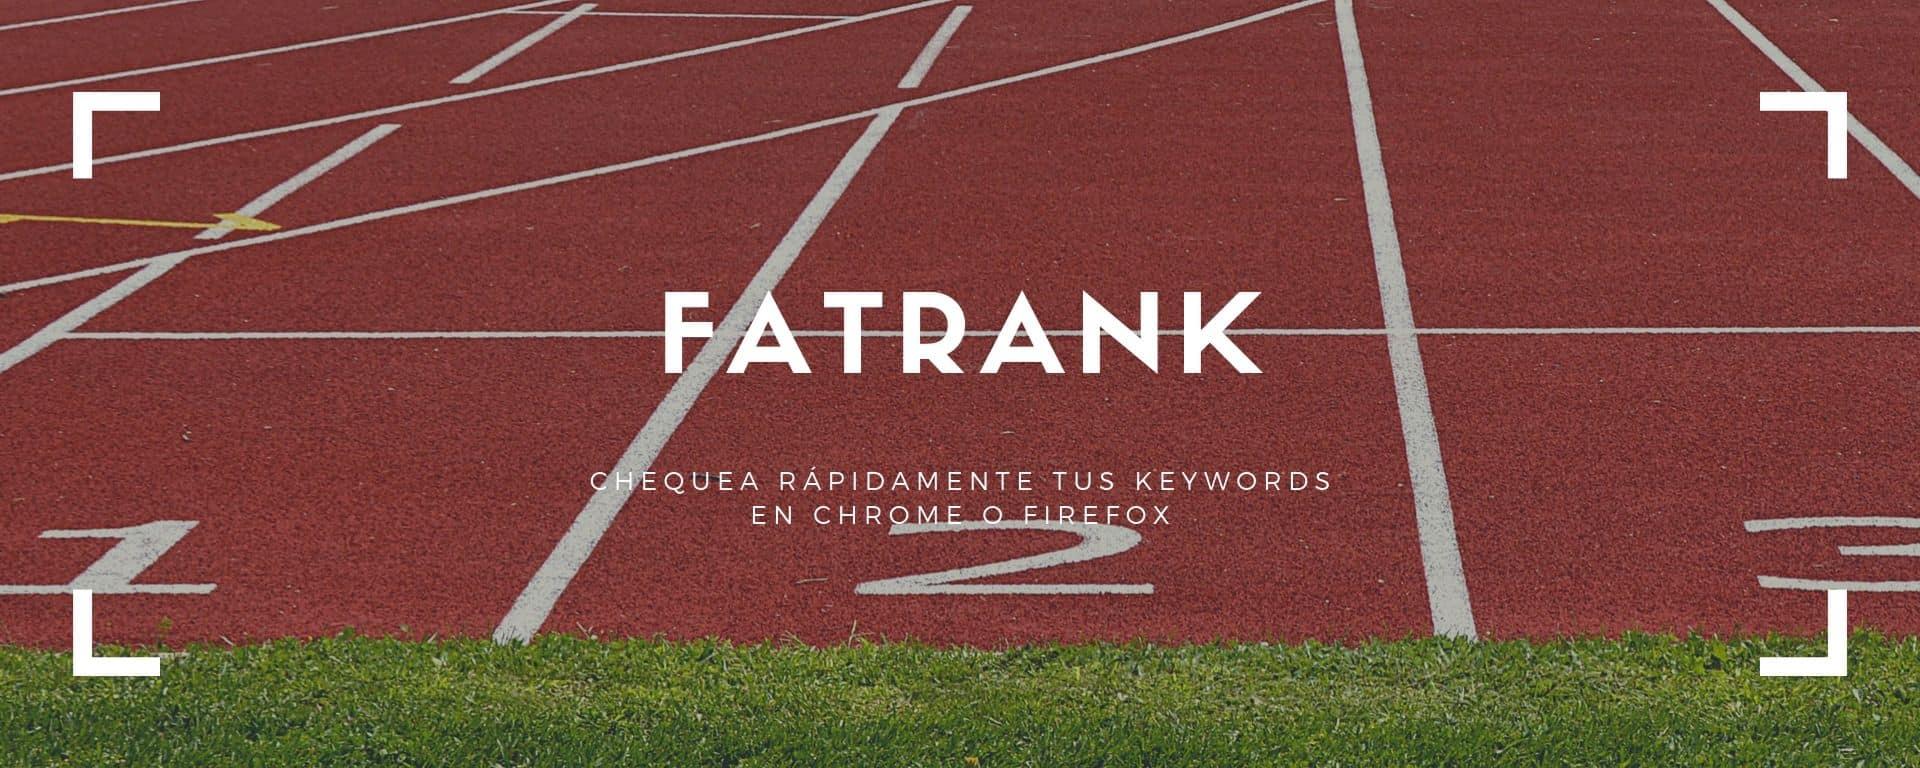 FATRANK - extensión para Chrome y Firefox